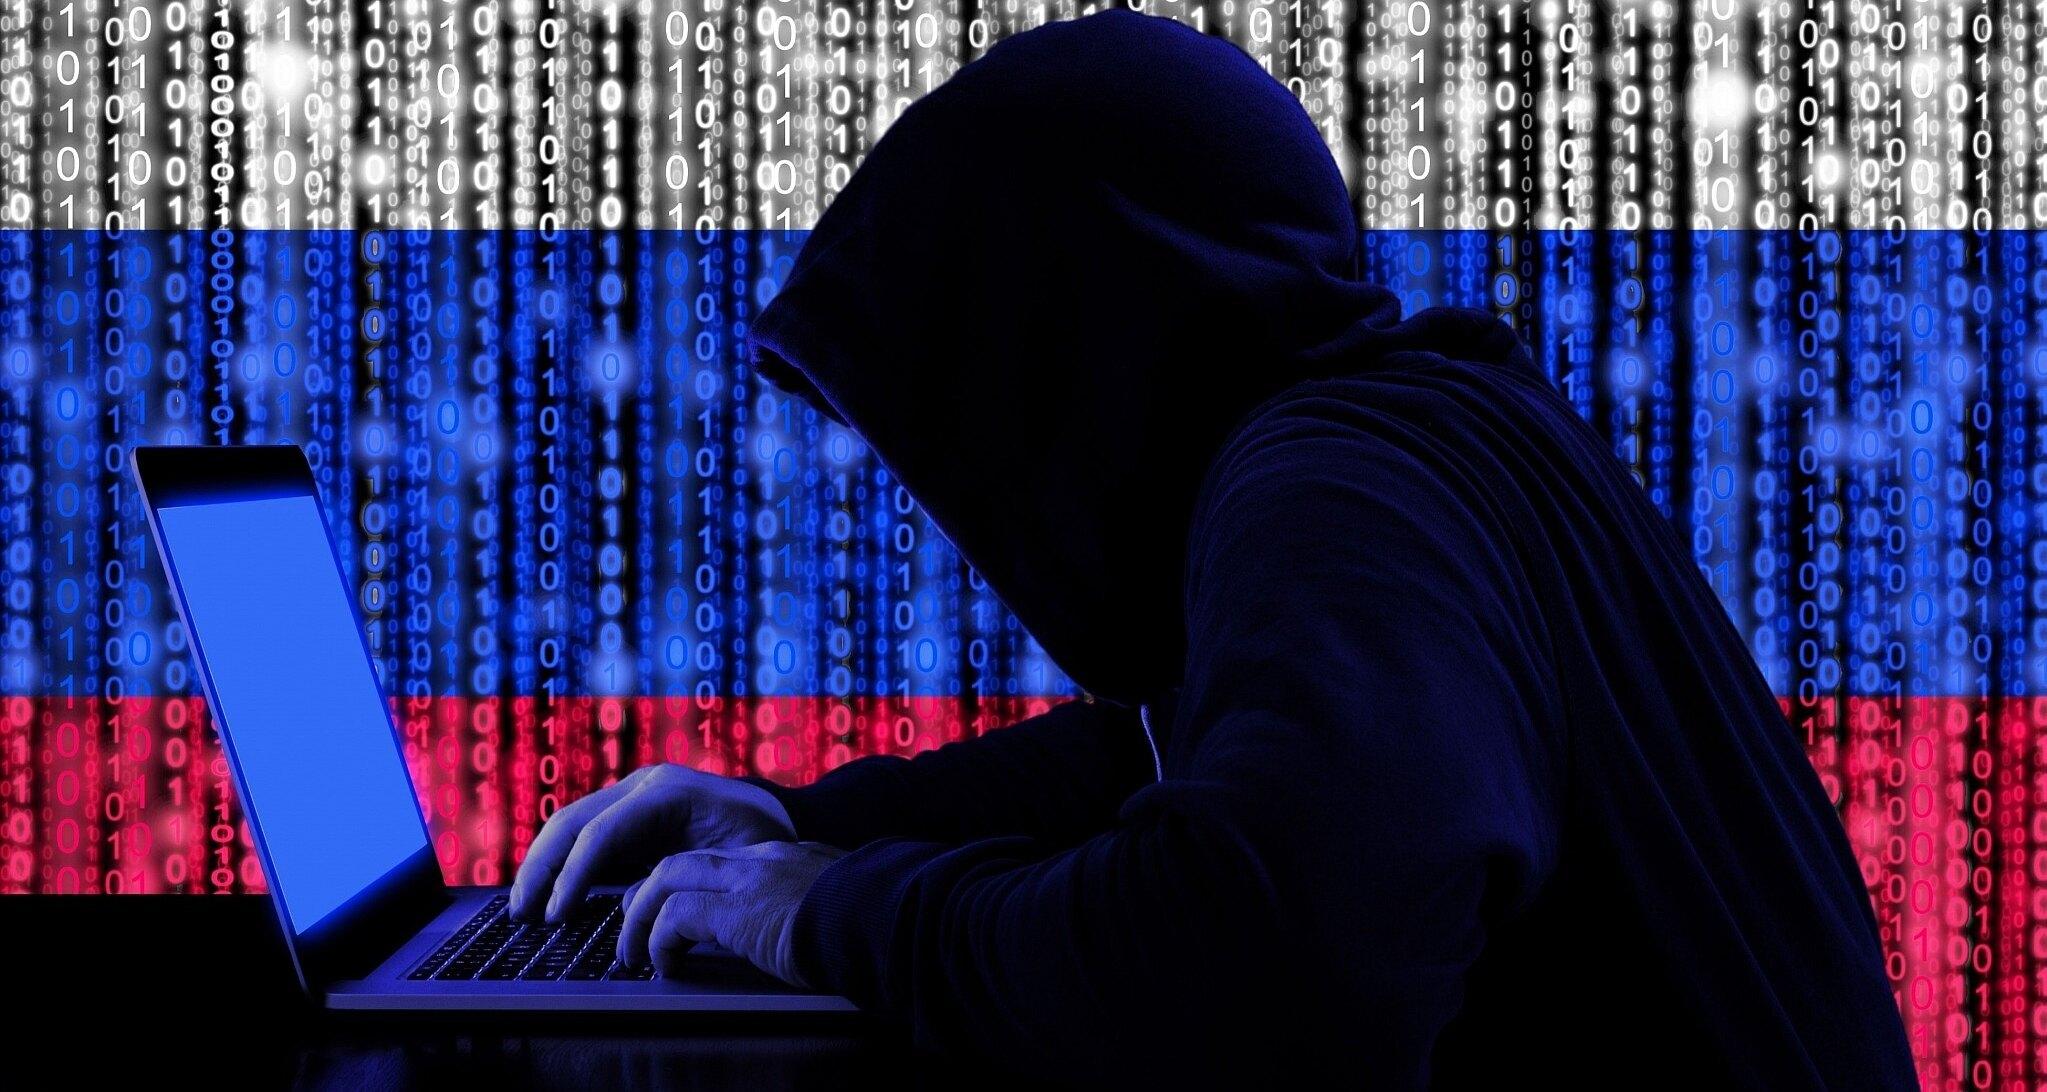 Во взломе Минфина США обвинили хакеров из России